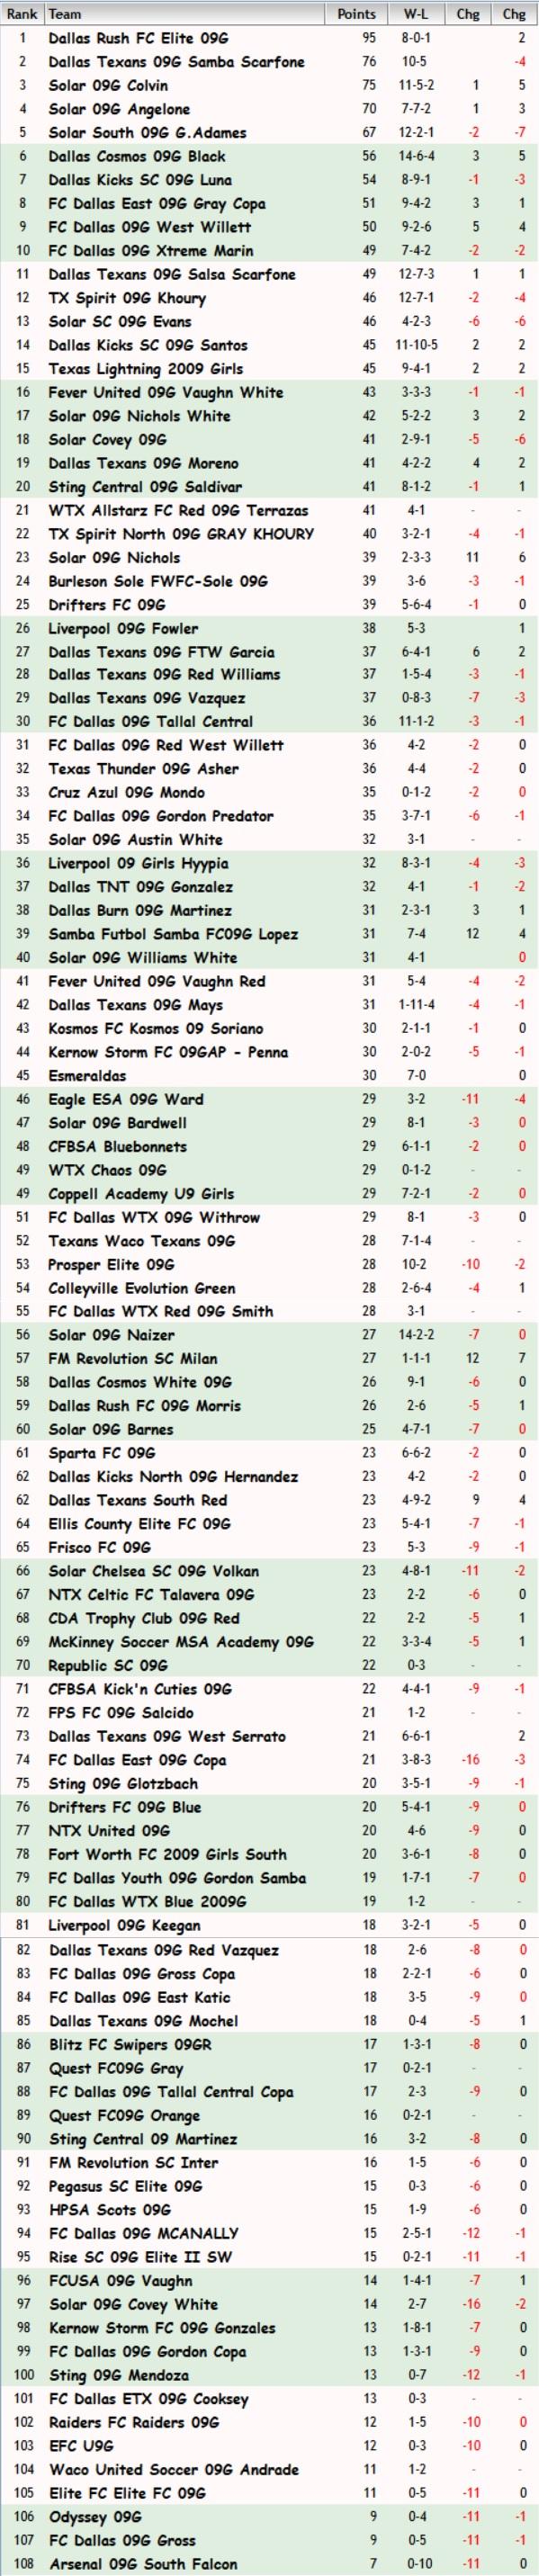 FBR09 Rankings June 20th, 2018 Fbr09_10